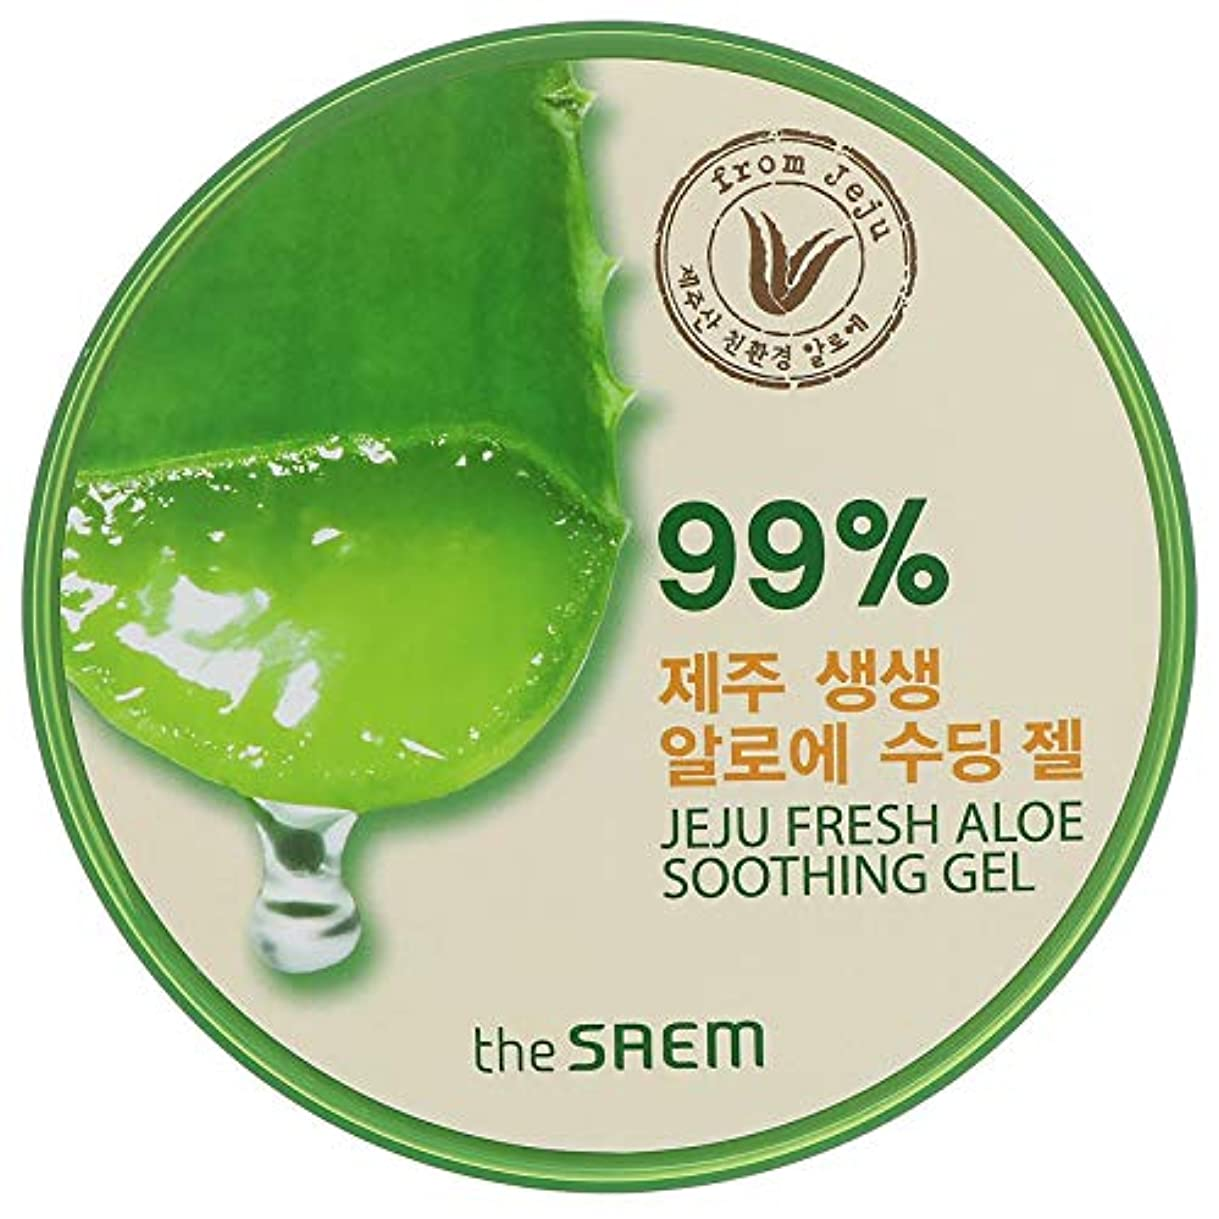 うがい礼儀大陸即日発送 【国内発送】ザセム アロエスーディングジェル99% 頭からつま先までしっとり The SAEM Jeju Fresh ALOE Soothing Gel 99%